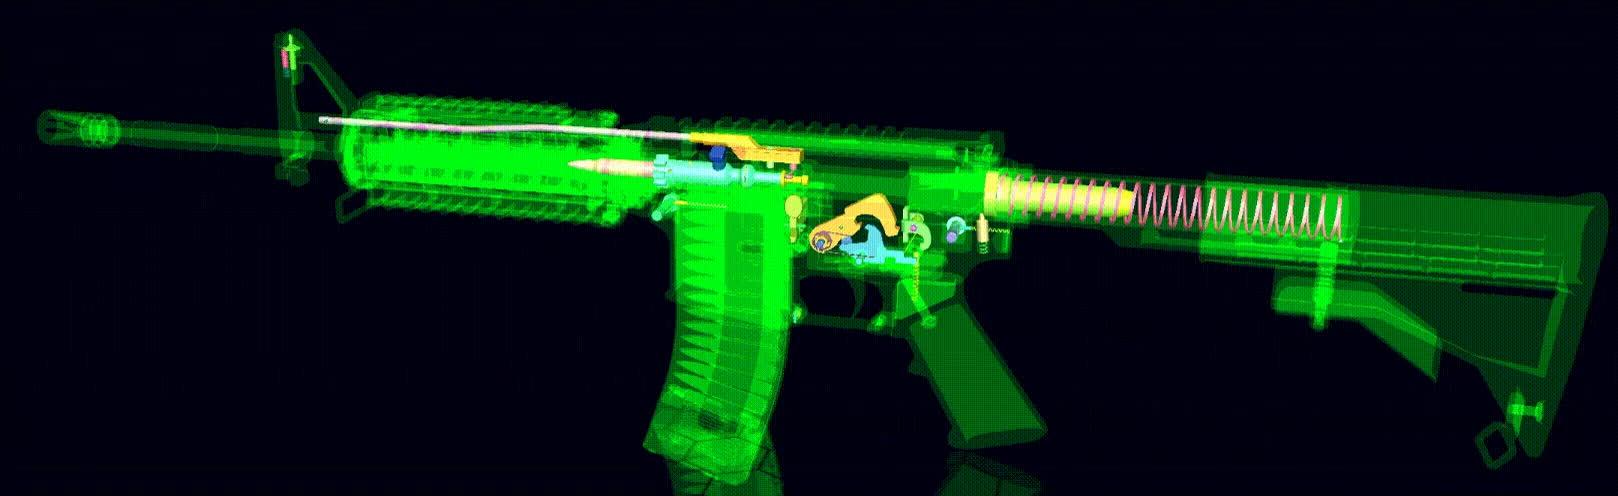 How an AR-15 works. : educationalgifs GIFs